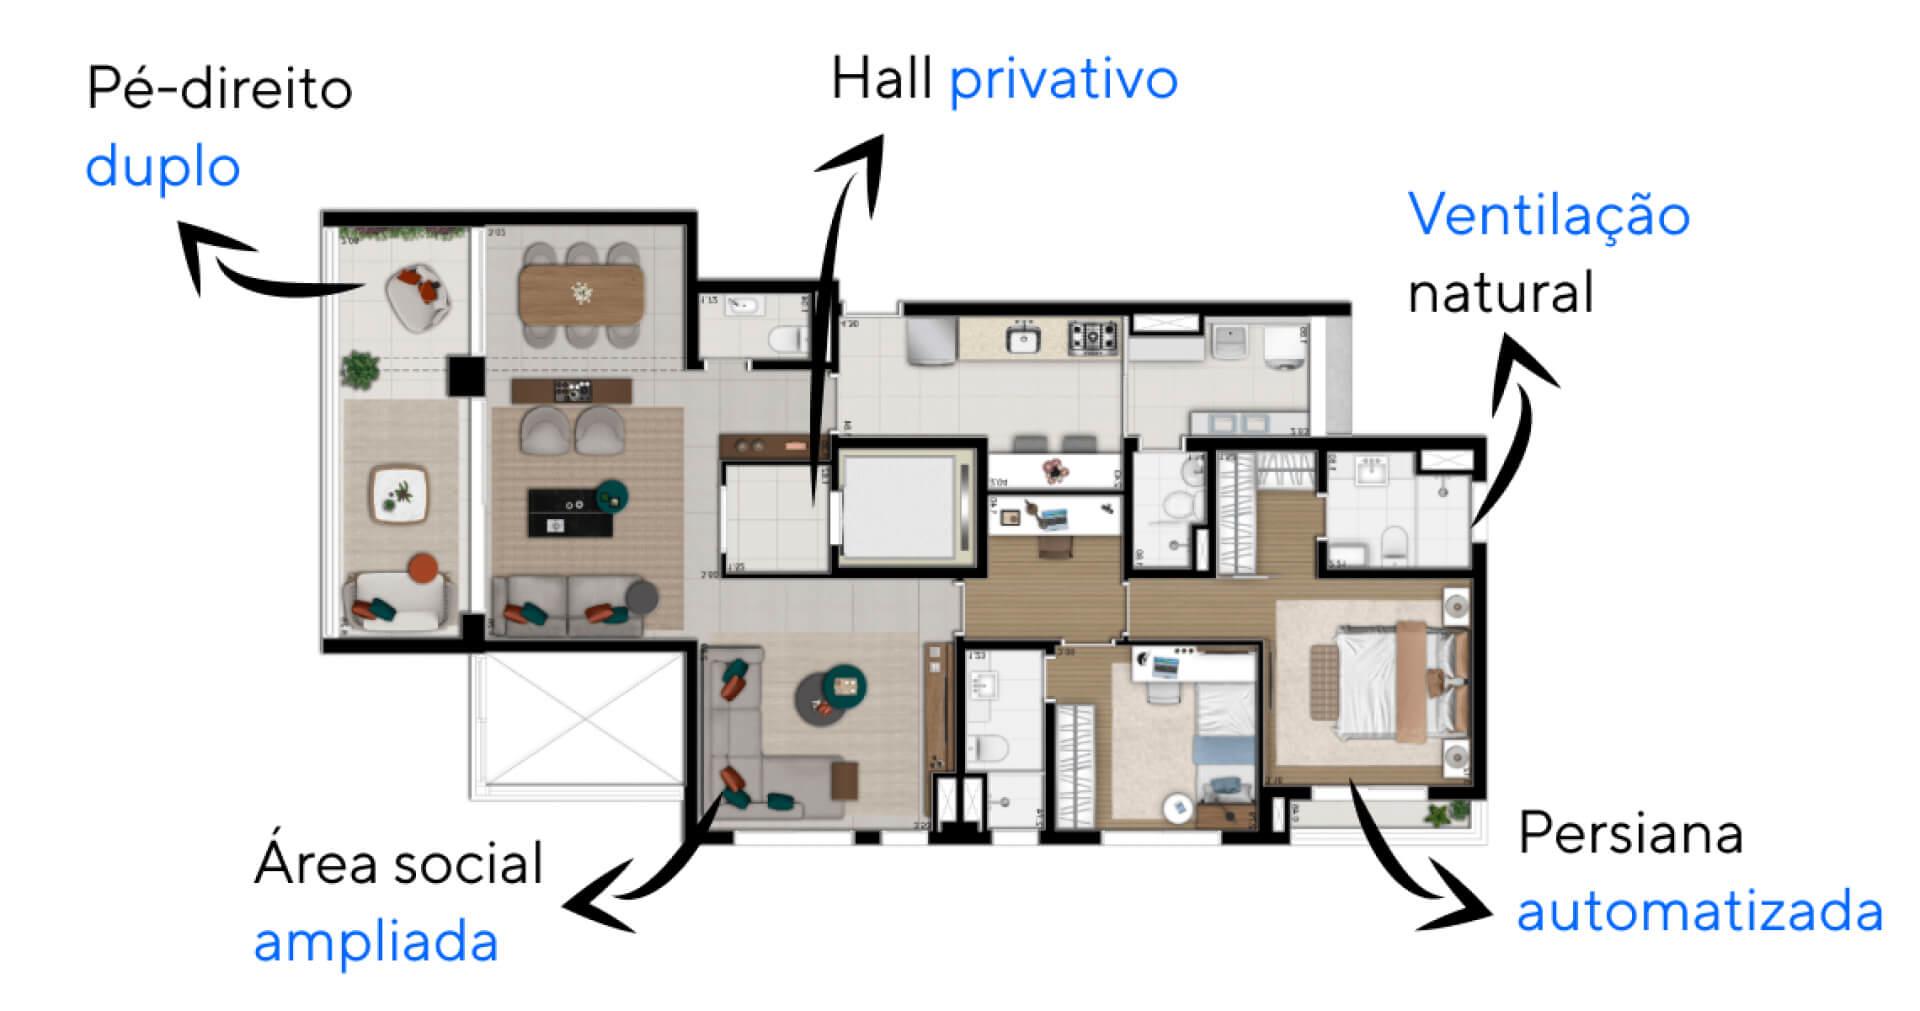 127 M² - 3 SUÍTES. Apartamentos do Vista Caconde com passagem íntima que separa as suítes da área social, proporcionando privacidade. Destaque para a suíte master, com espaço para closet e persiana automatizada para controle da quantidade de luz natural.